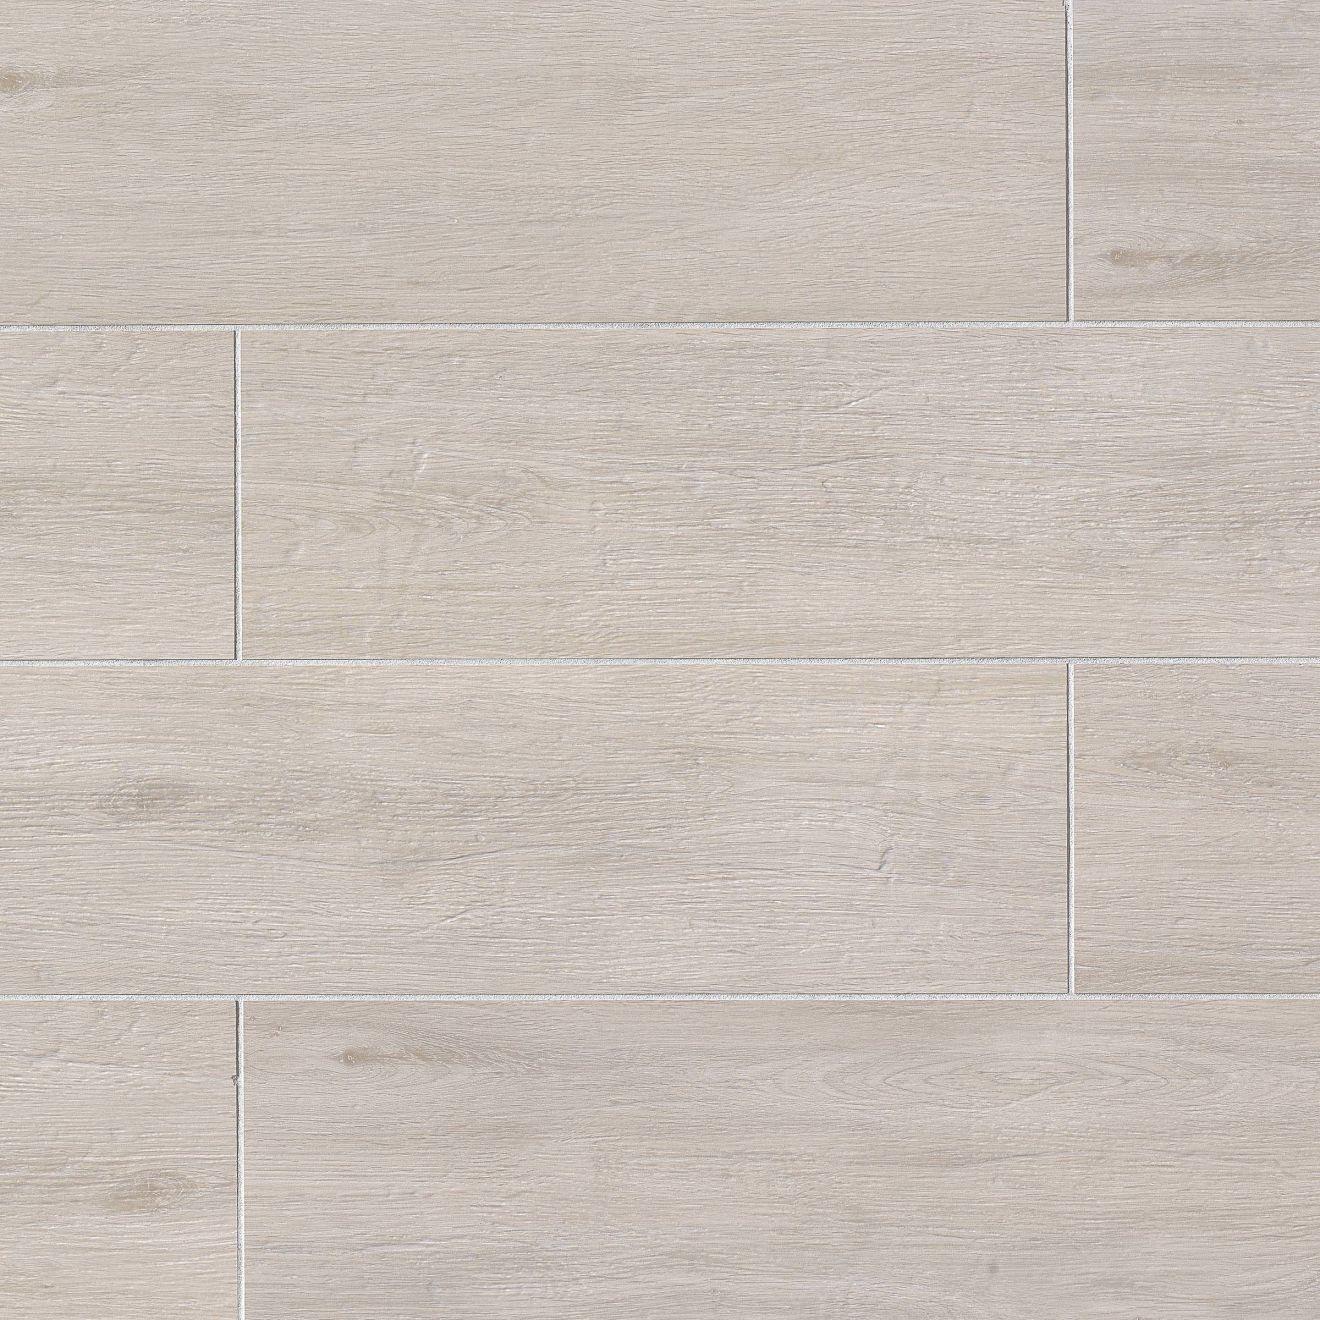 Titus 8 Quot X 36 Quot Floor Amp Wall Tile In White Bedrosians